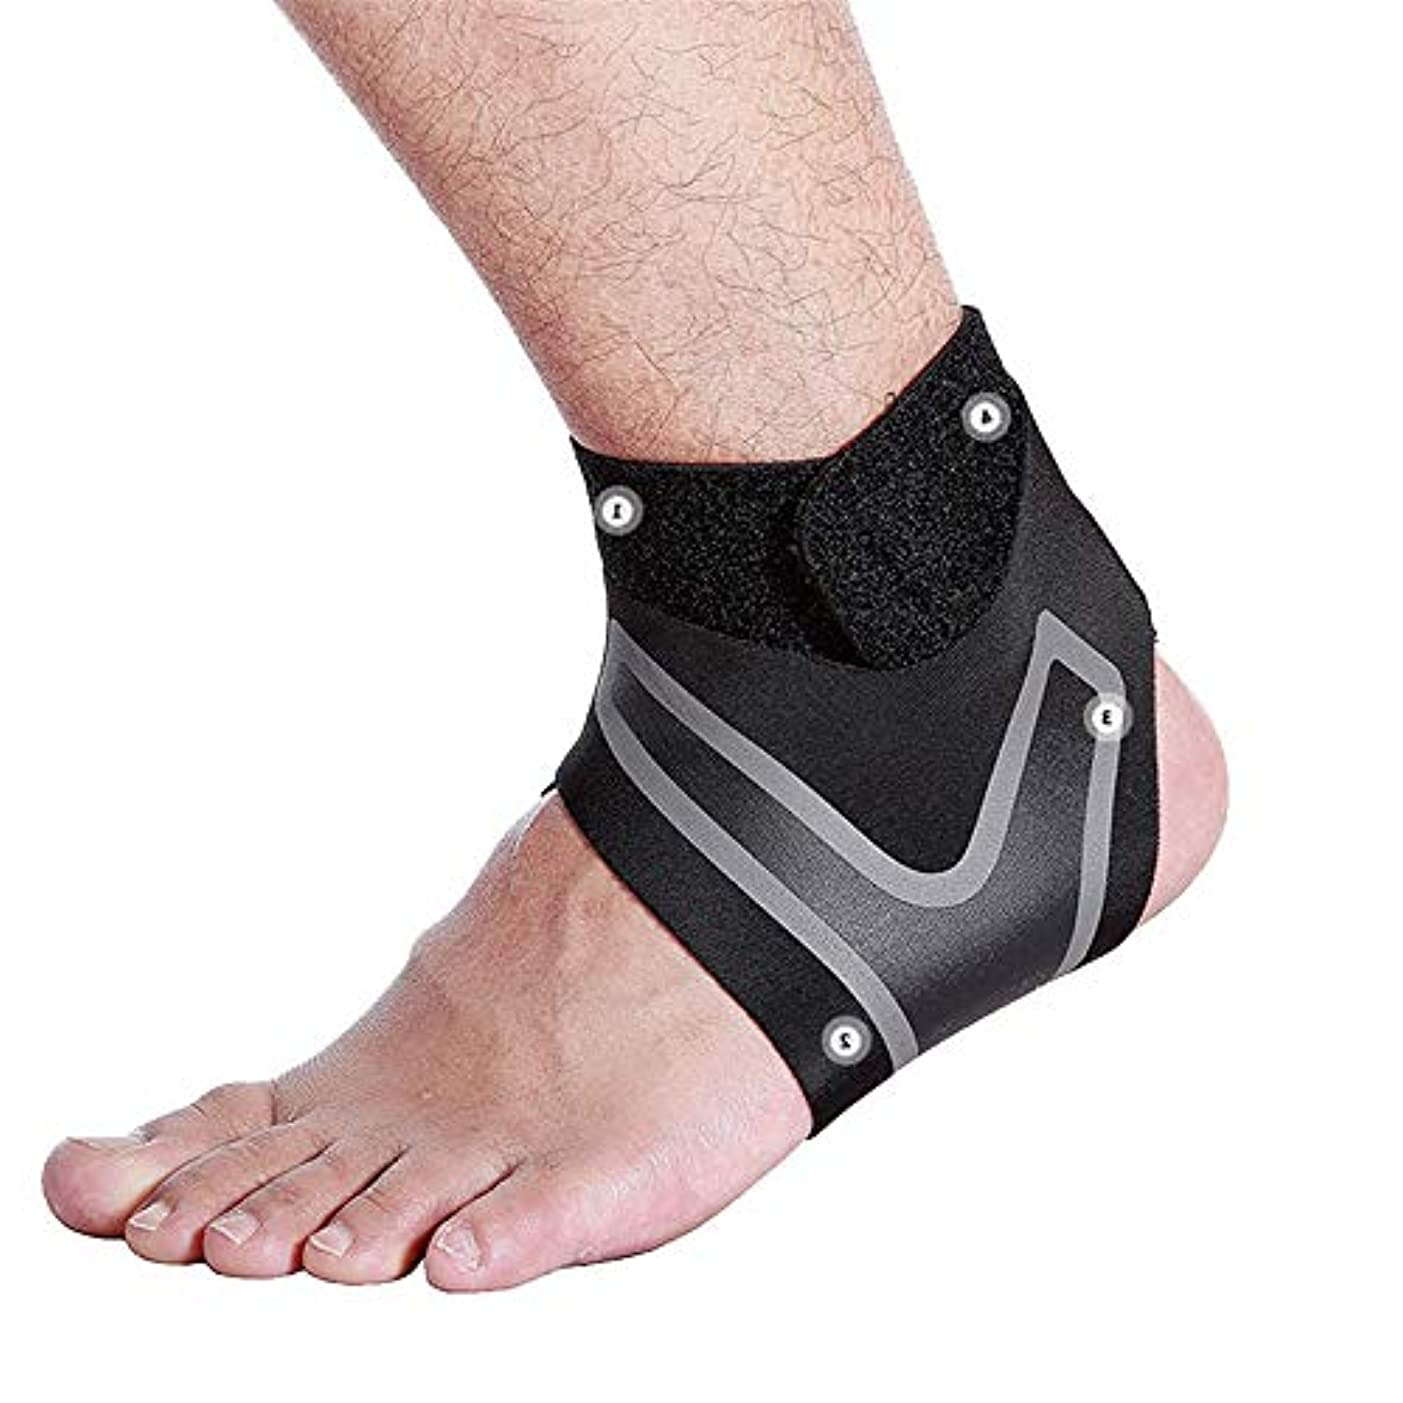 紫のキルト少なくとも男性と女性用のアンクルブレース、調節可能な圧縮足首サポートラップ、足底筋膜炎用の完璧な足首スリーブ、アキレス腱、小さな捻rain、すべてに合うサイズ